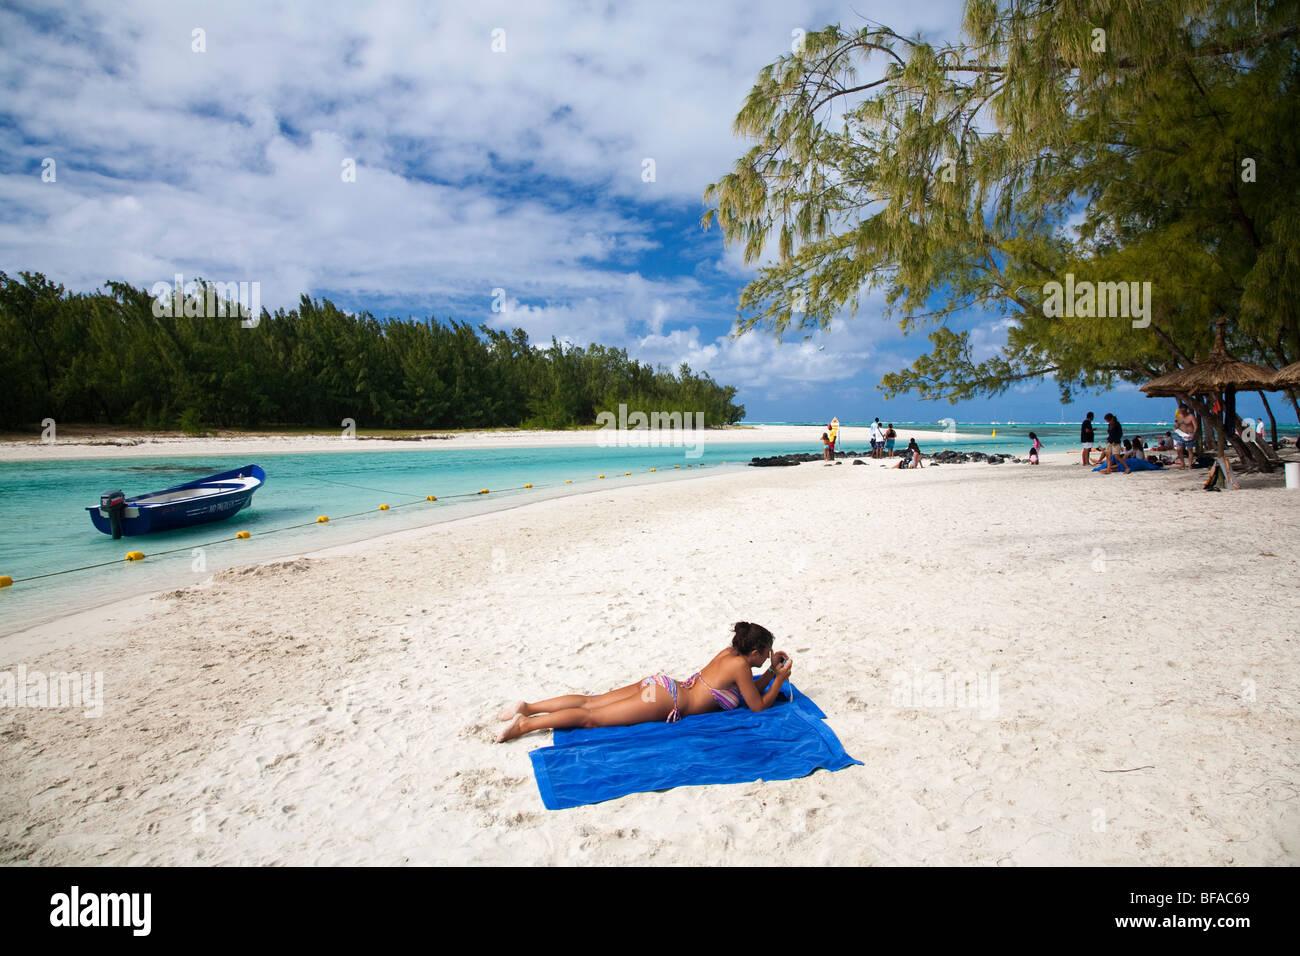 Sunbather at Ile aux Cerfs, Mauritius - Stock Image